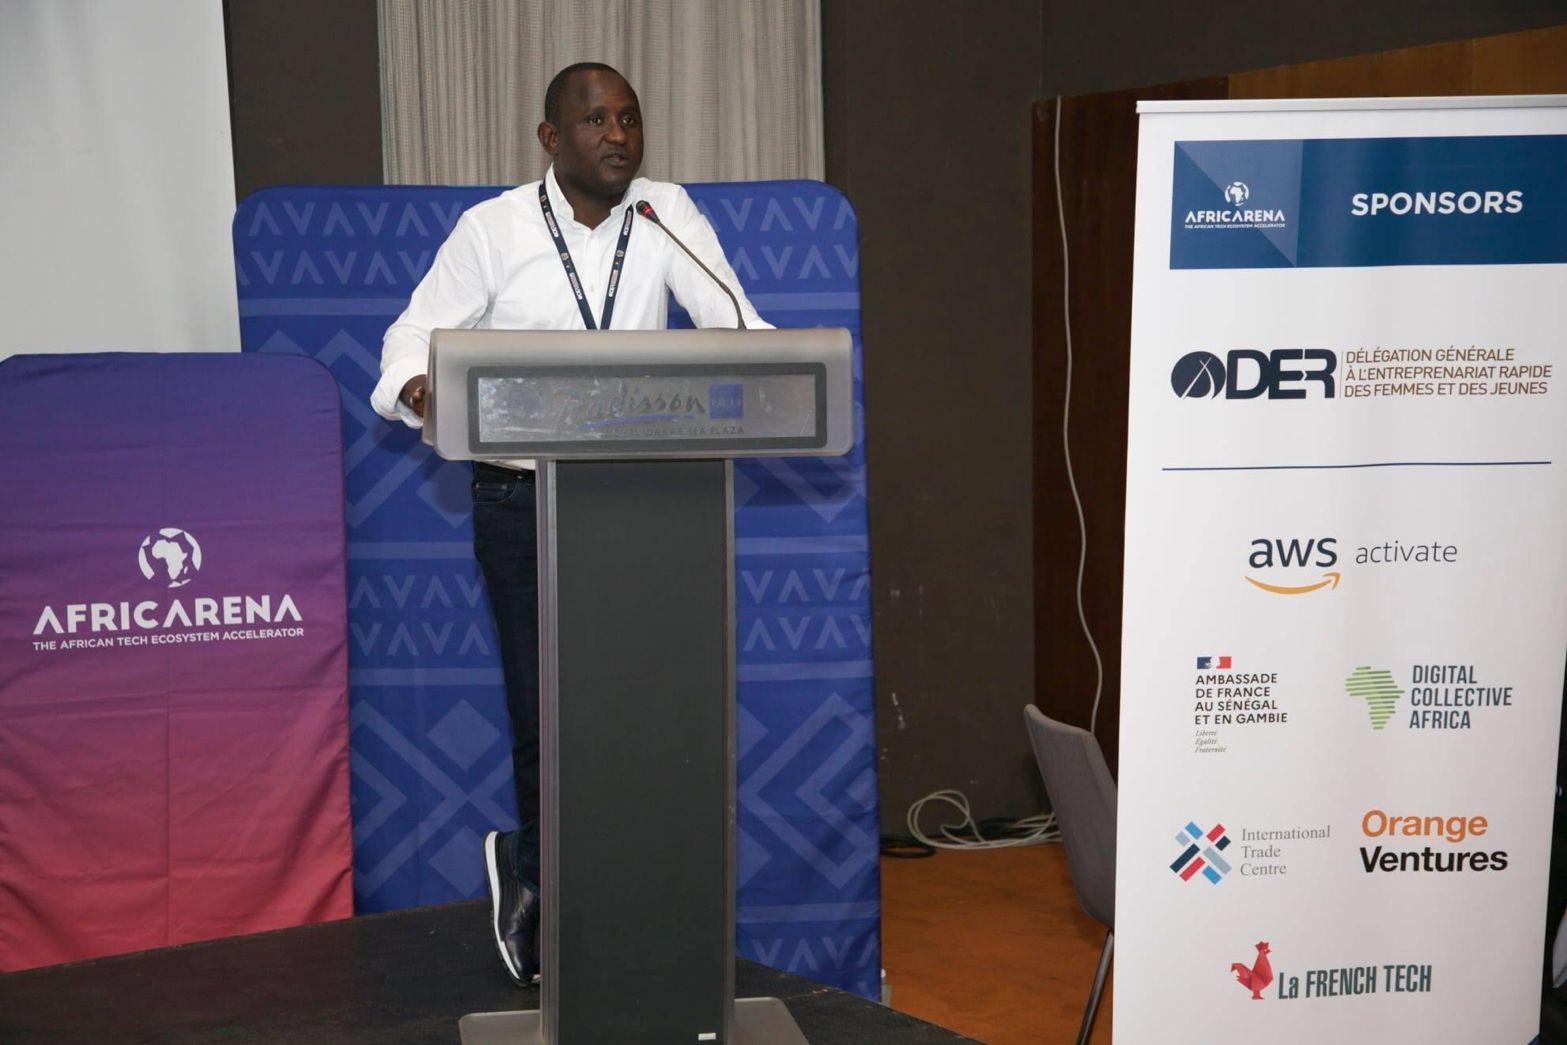 Papa Amadou Sarr délégué général à l'entreprenariat rapide des femmes et des jeunes (Der/Fj)